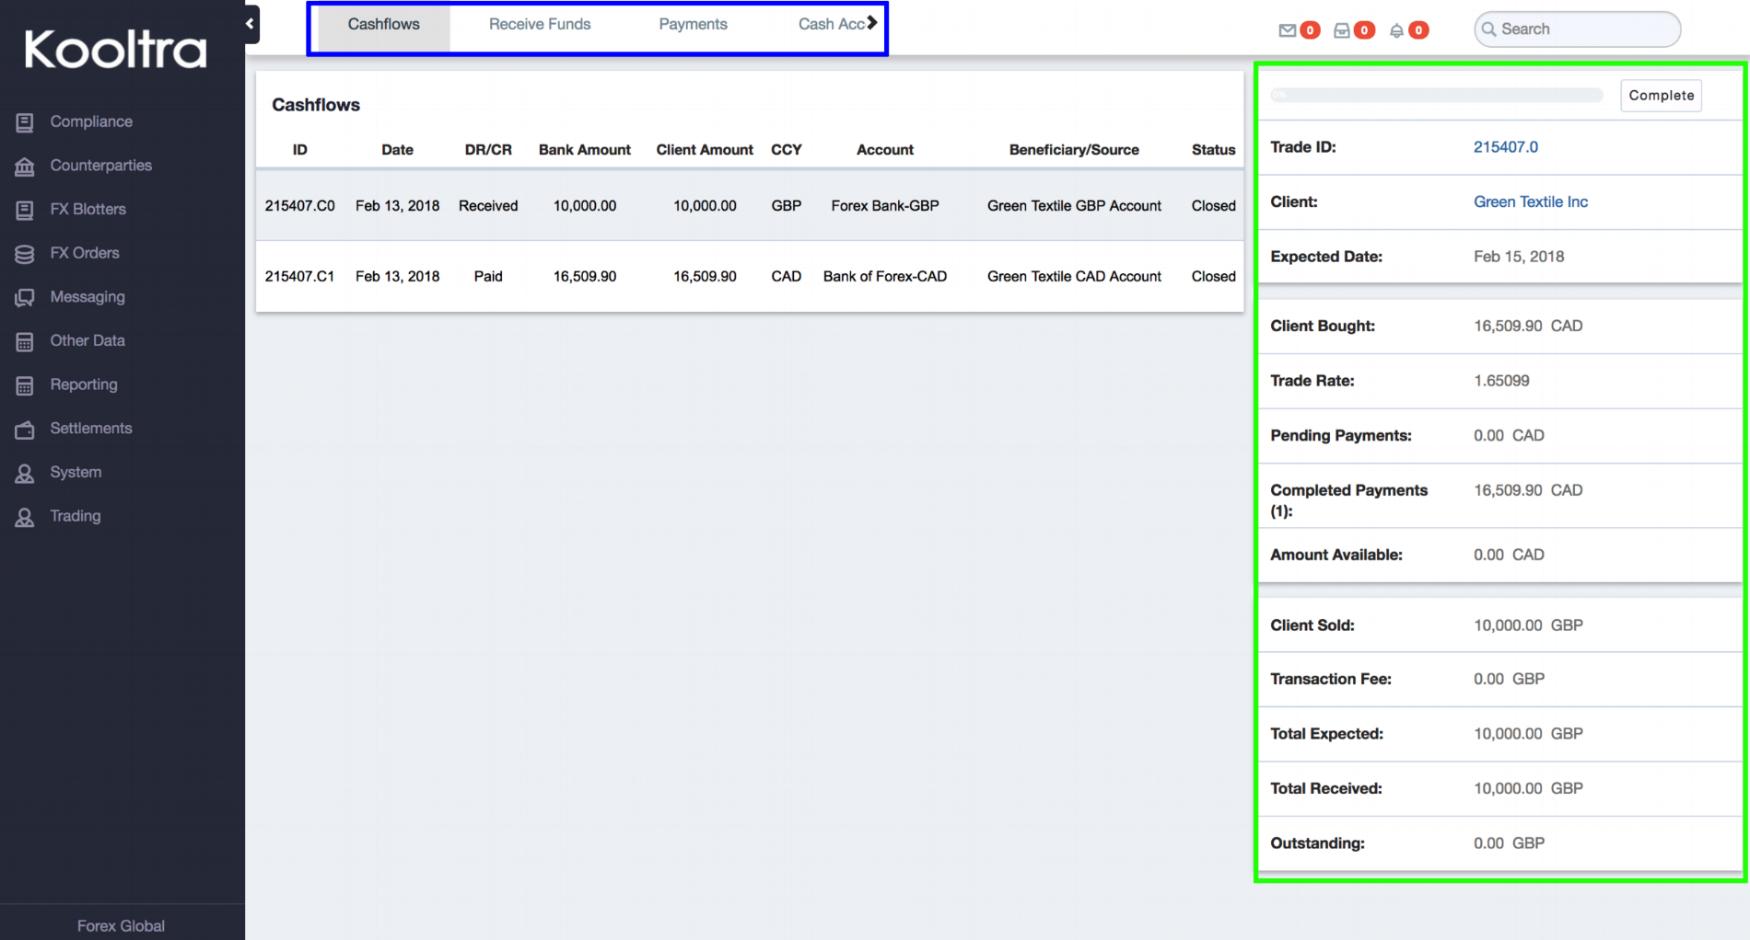 PaymentWorkflowScreenshot.png